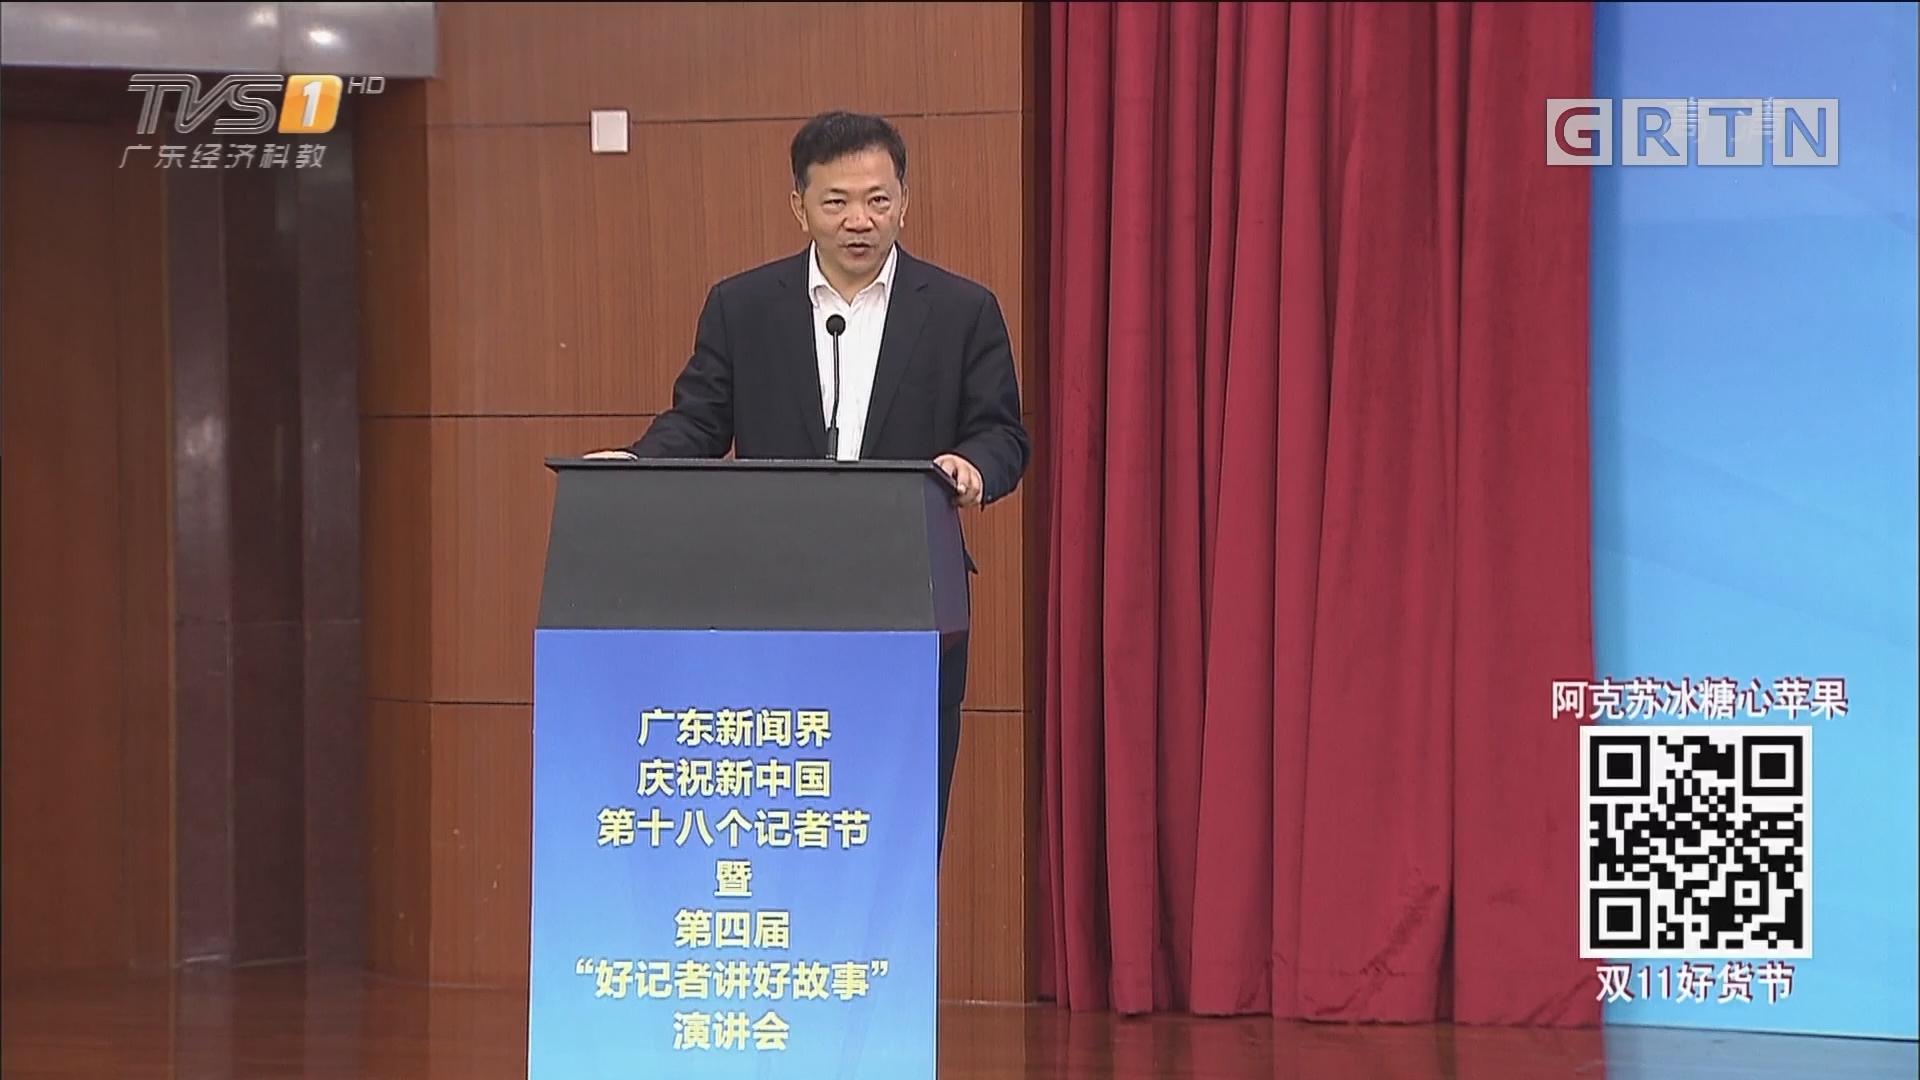 广东新闻界庆祝第十八个记者节 慎海雄强调在新时代展现广东新闻战线新气象新作为